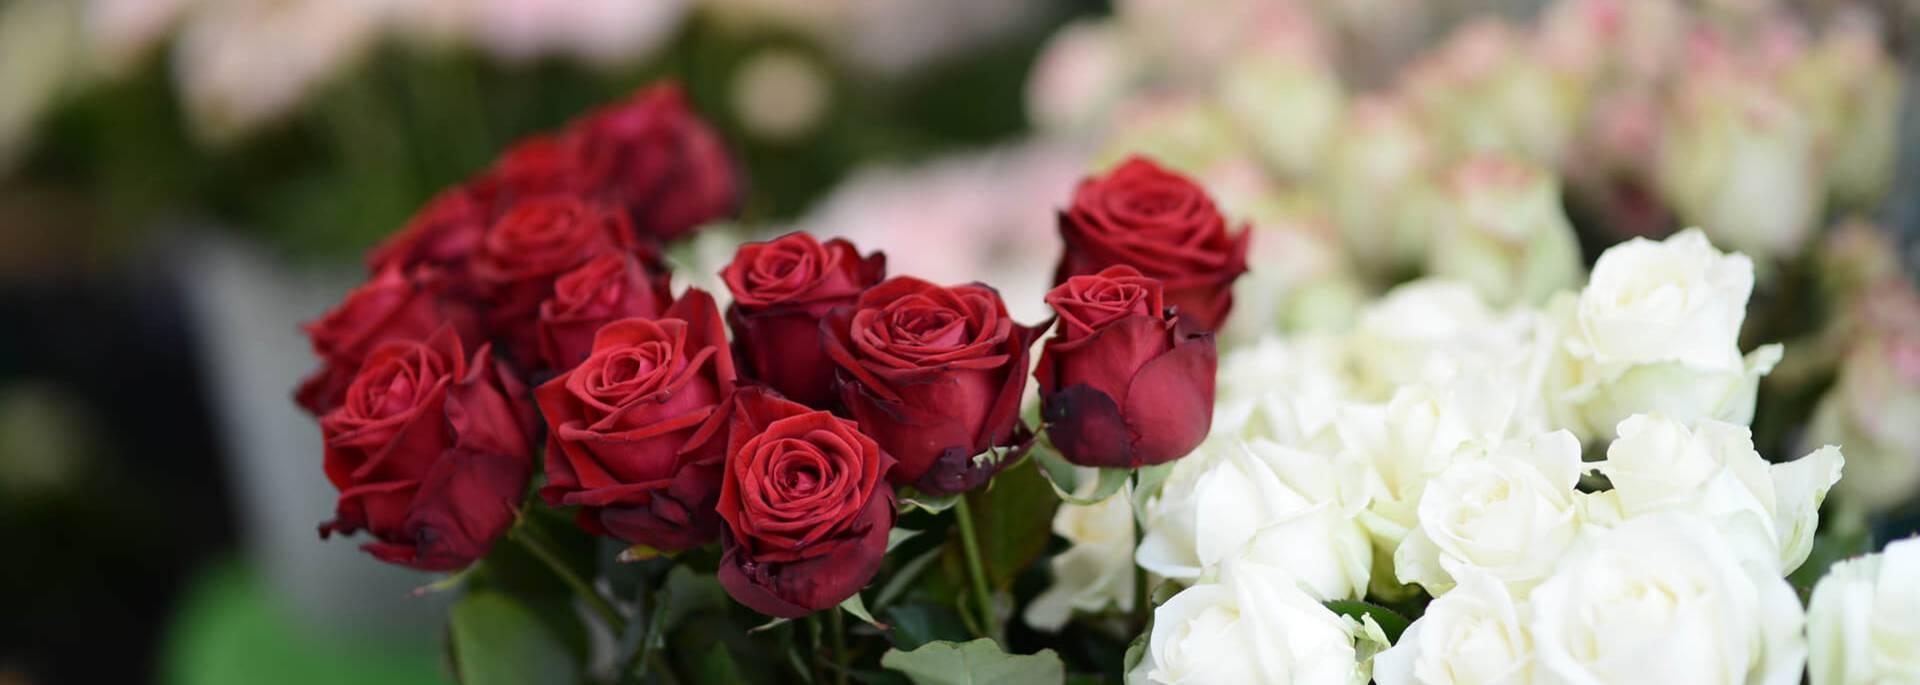 Marché aux fleurs sur la place du Cygne